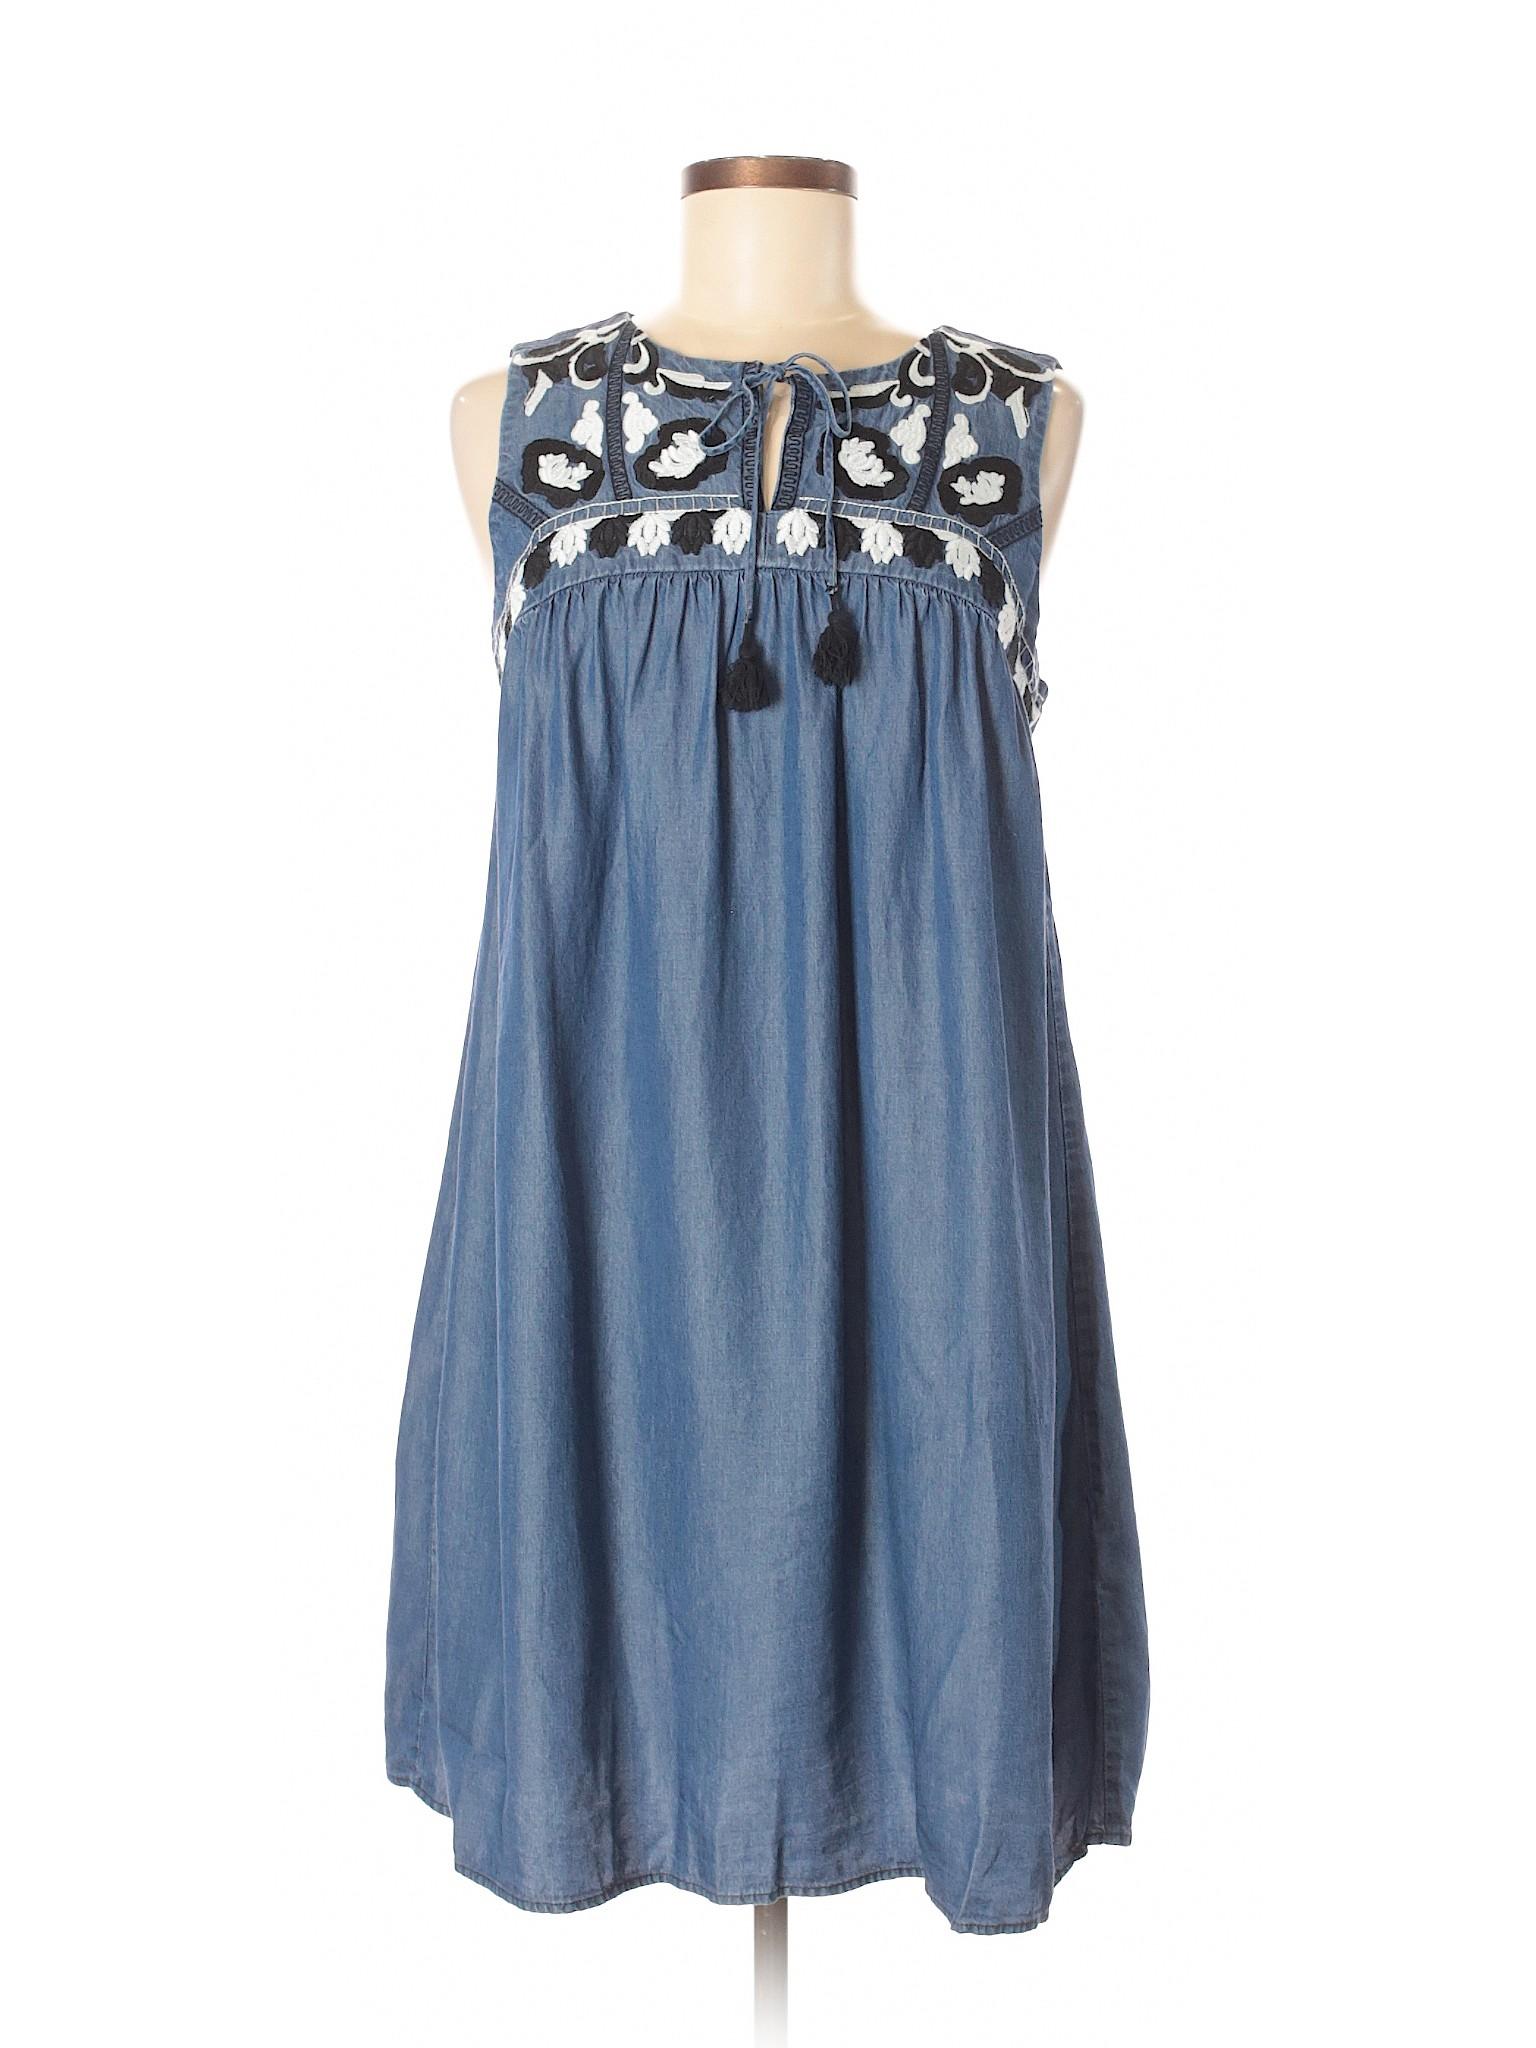 CeCe Boutique winter CeCe winter Casual Casual Boutique Dress winter Dress Boutique CeCe Dress Casual aqHWxPSw